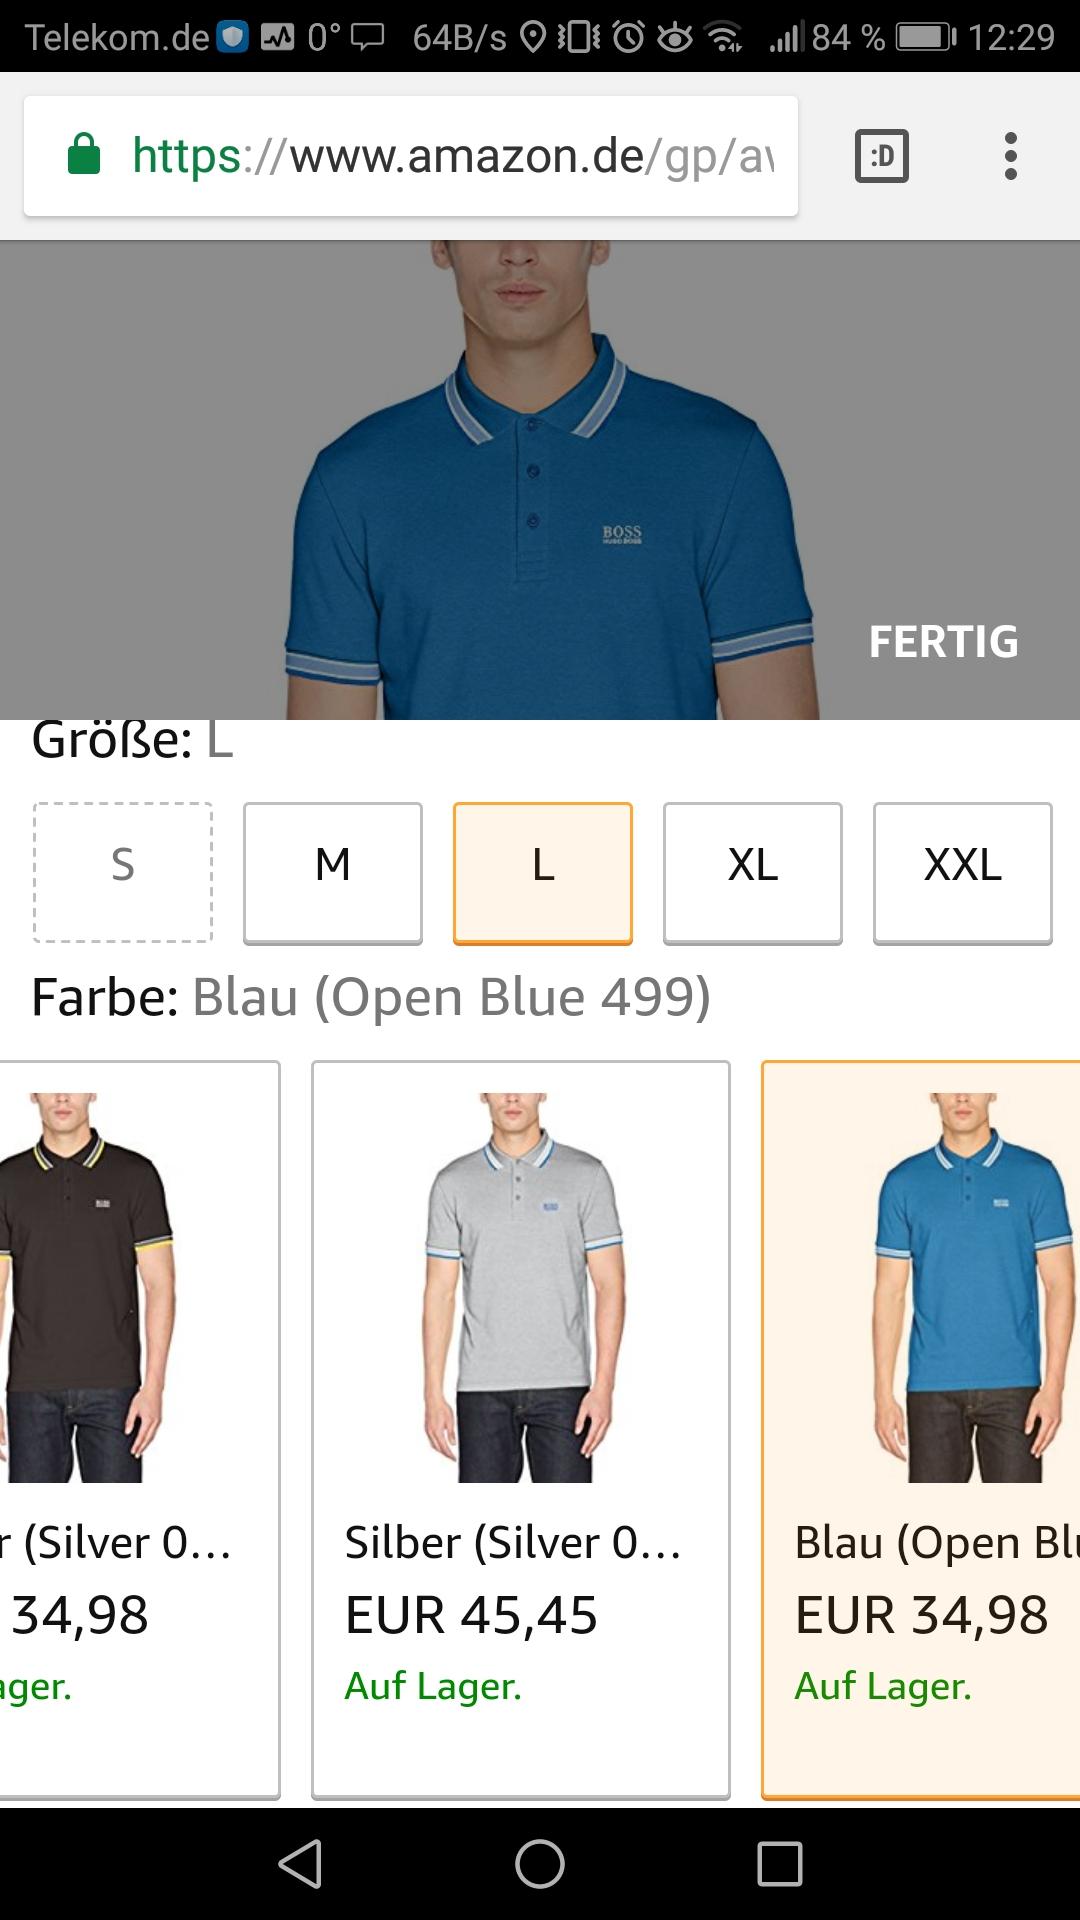 [Amazon.de]  Hugo boss Polos für 34,98€